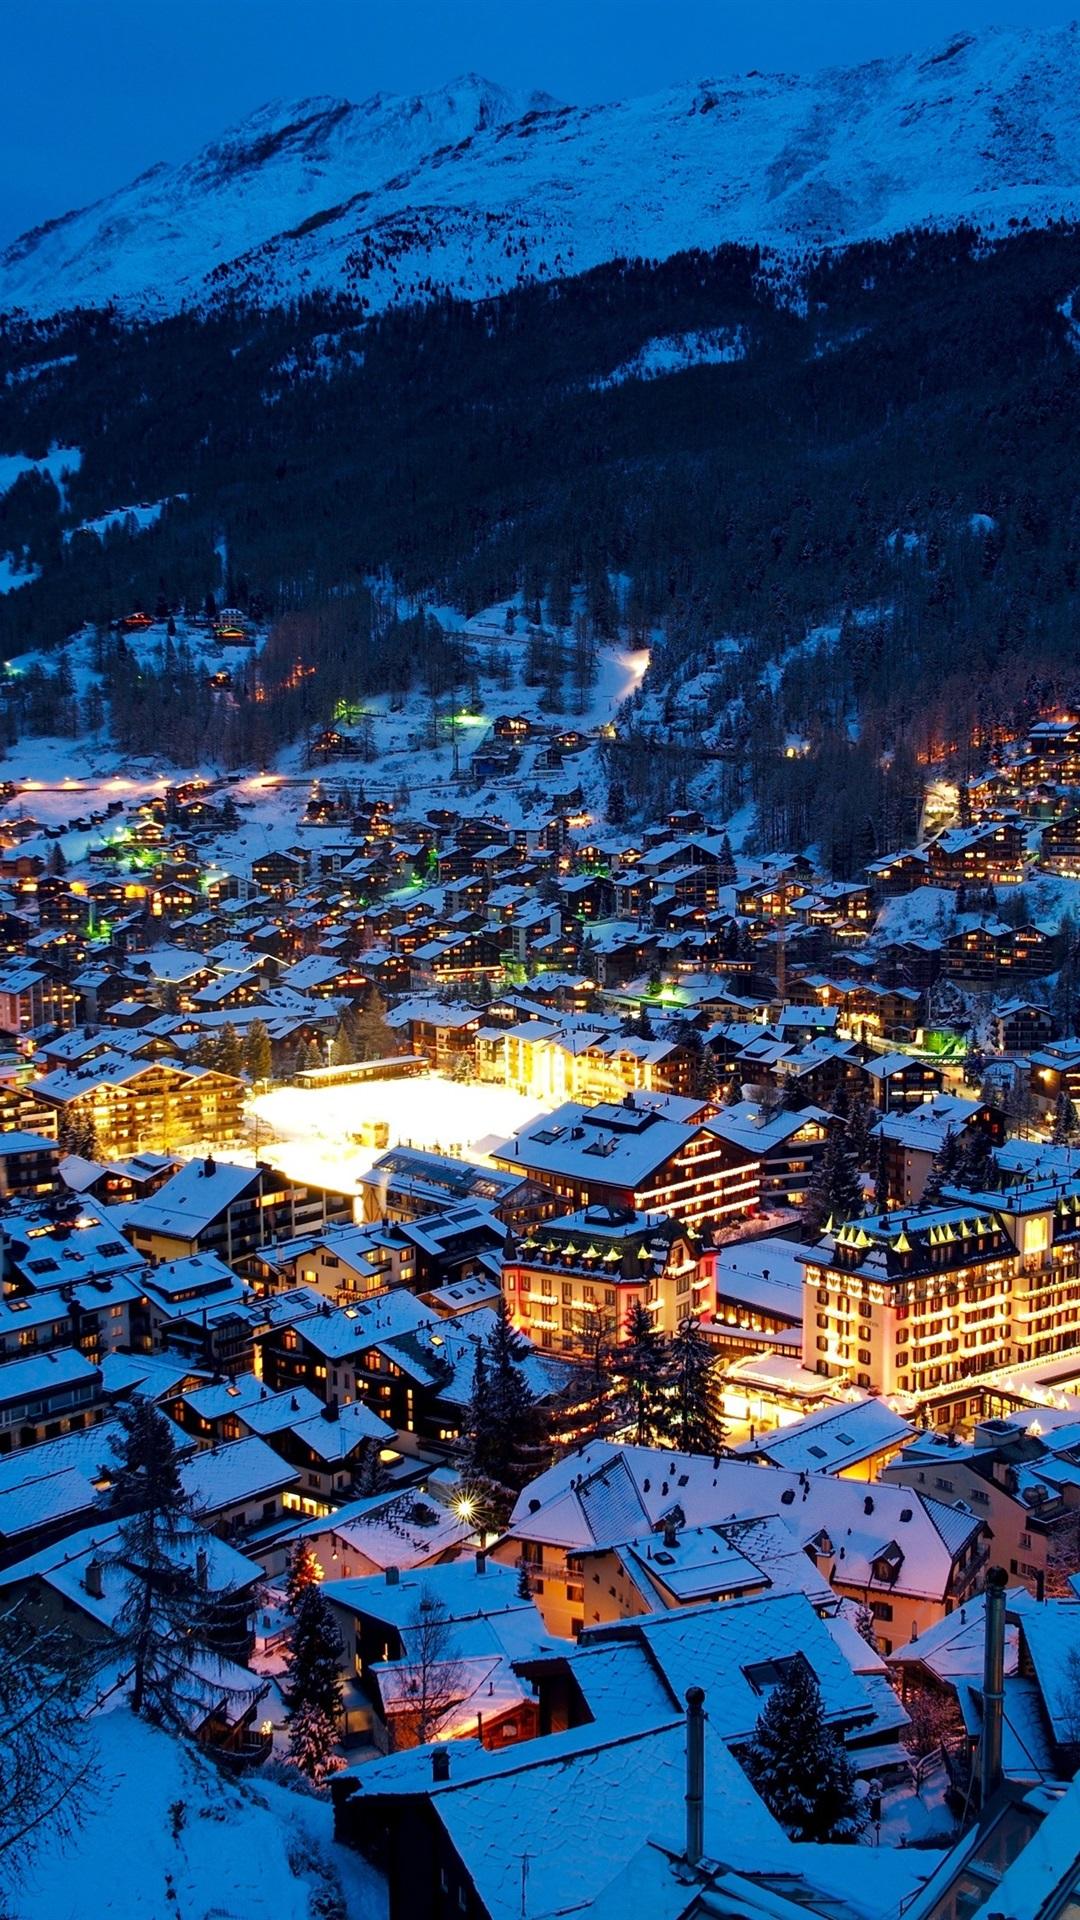 Fondos De Pantalla Suiza Zermatt Ciudad Noche Alpes